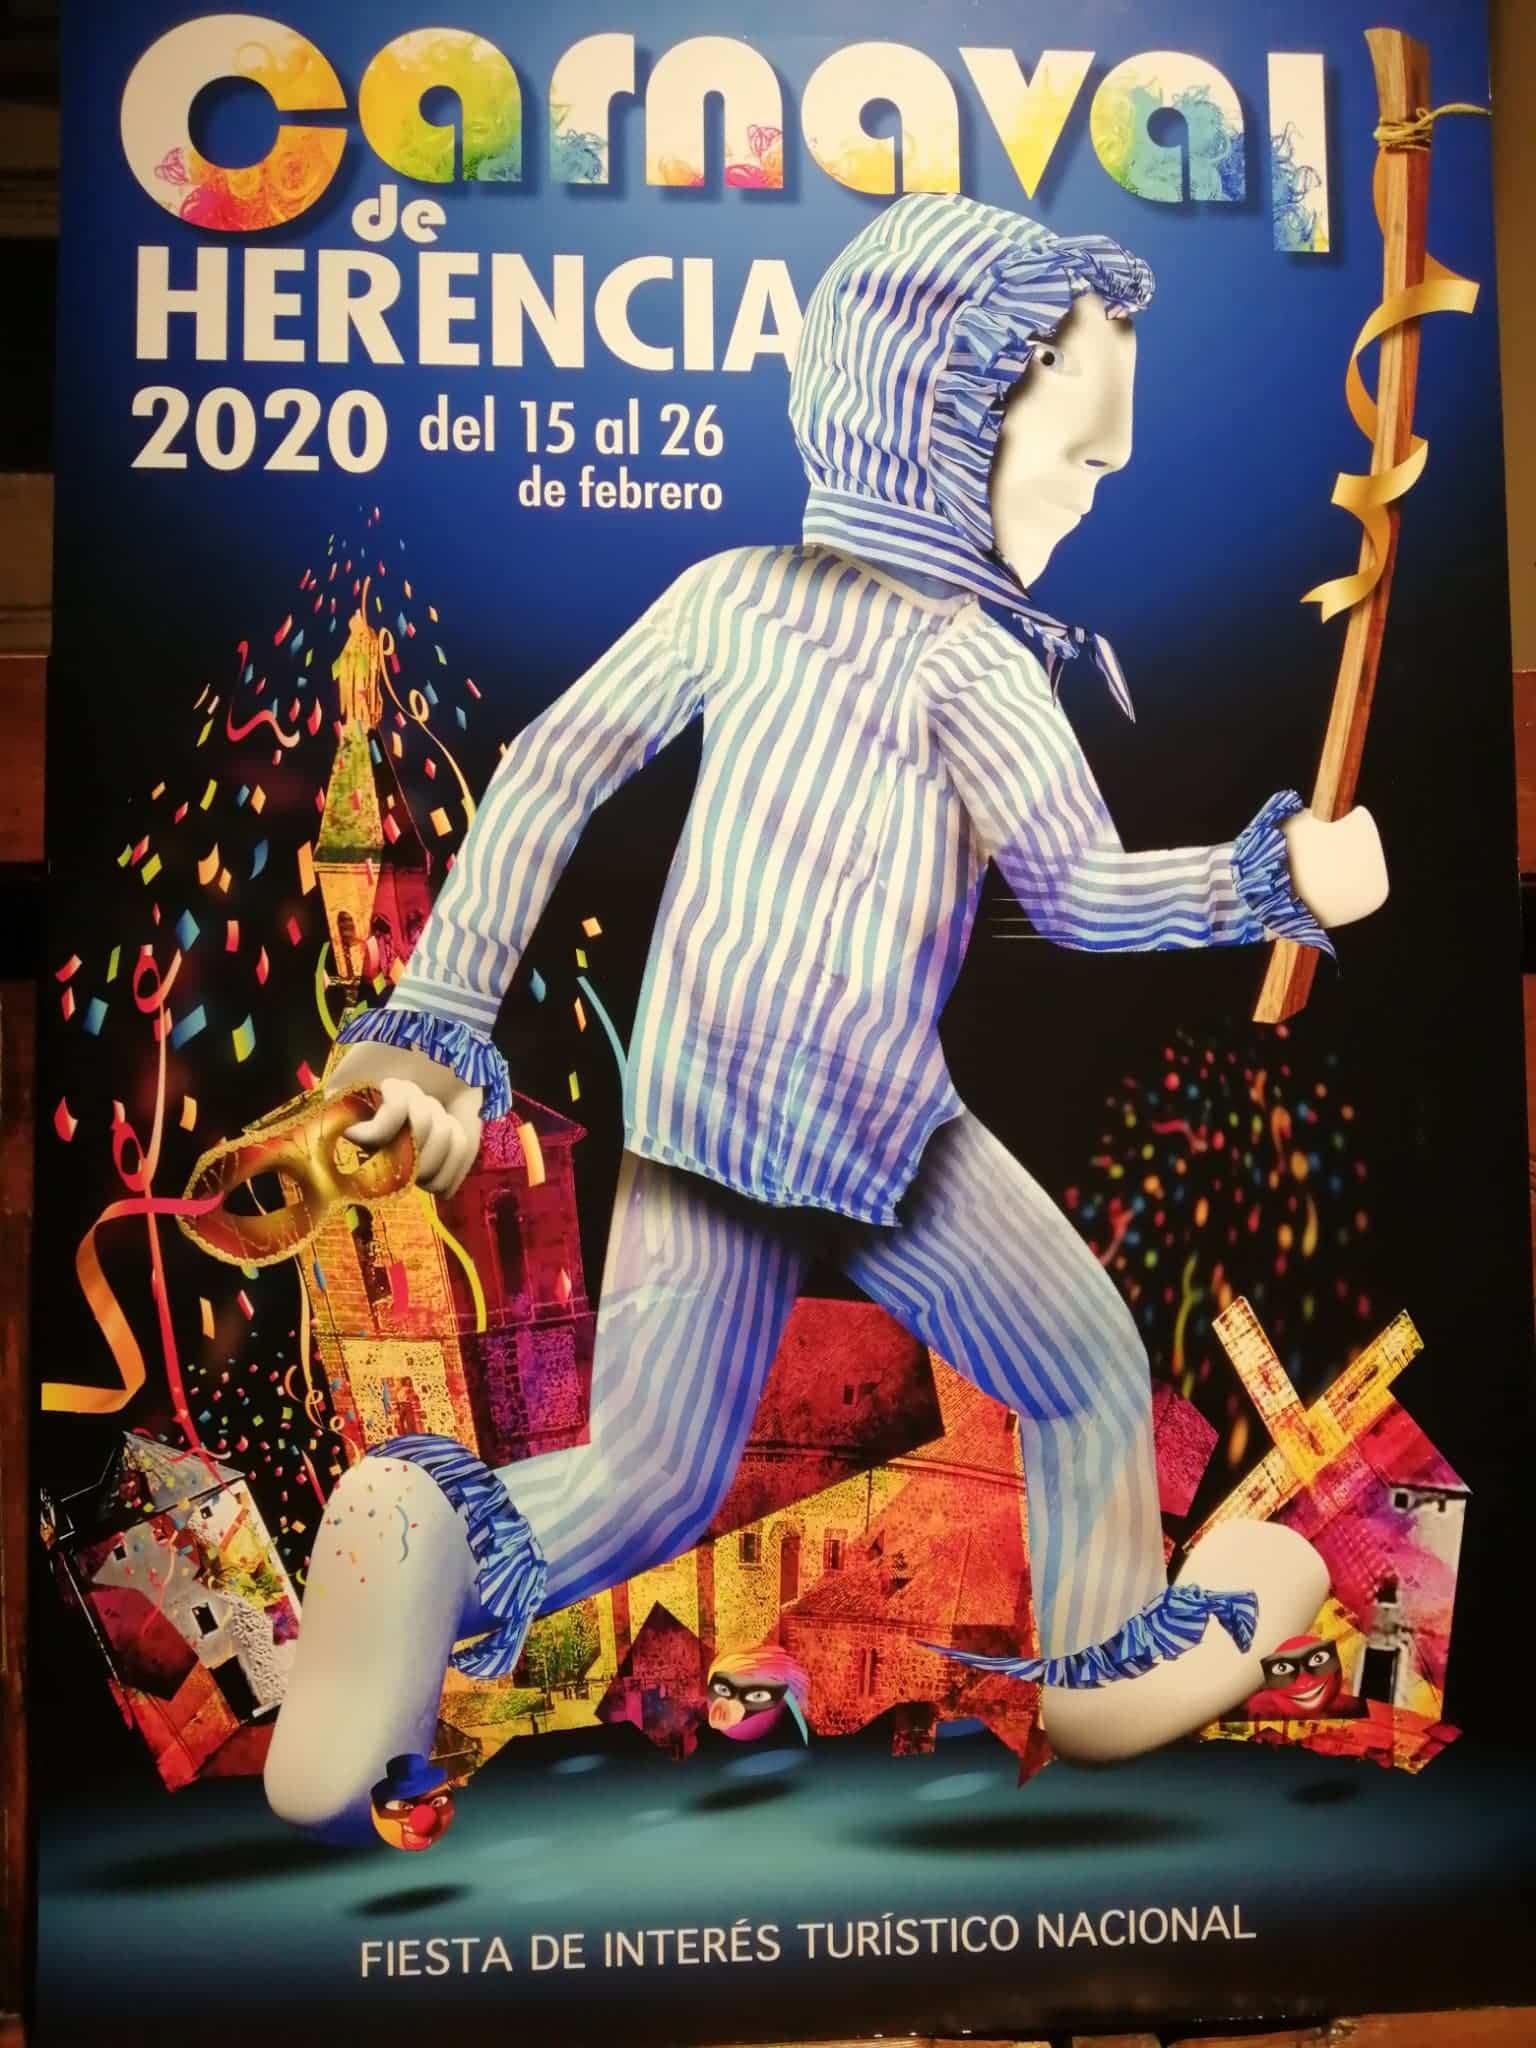 El Carnaval de Herencia 2020 ya tiene imagen 3